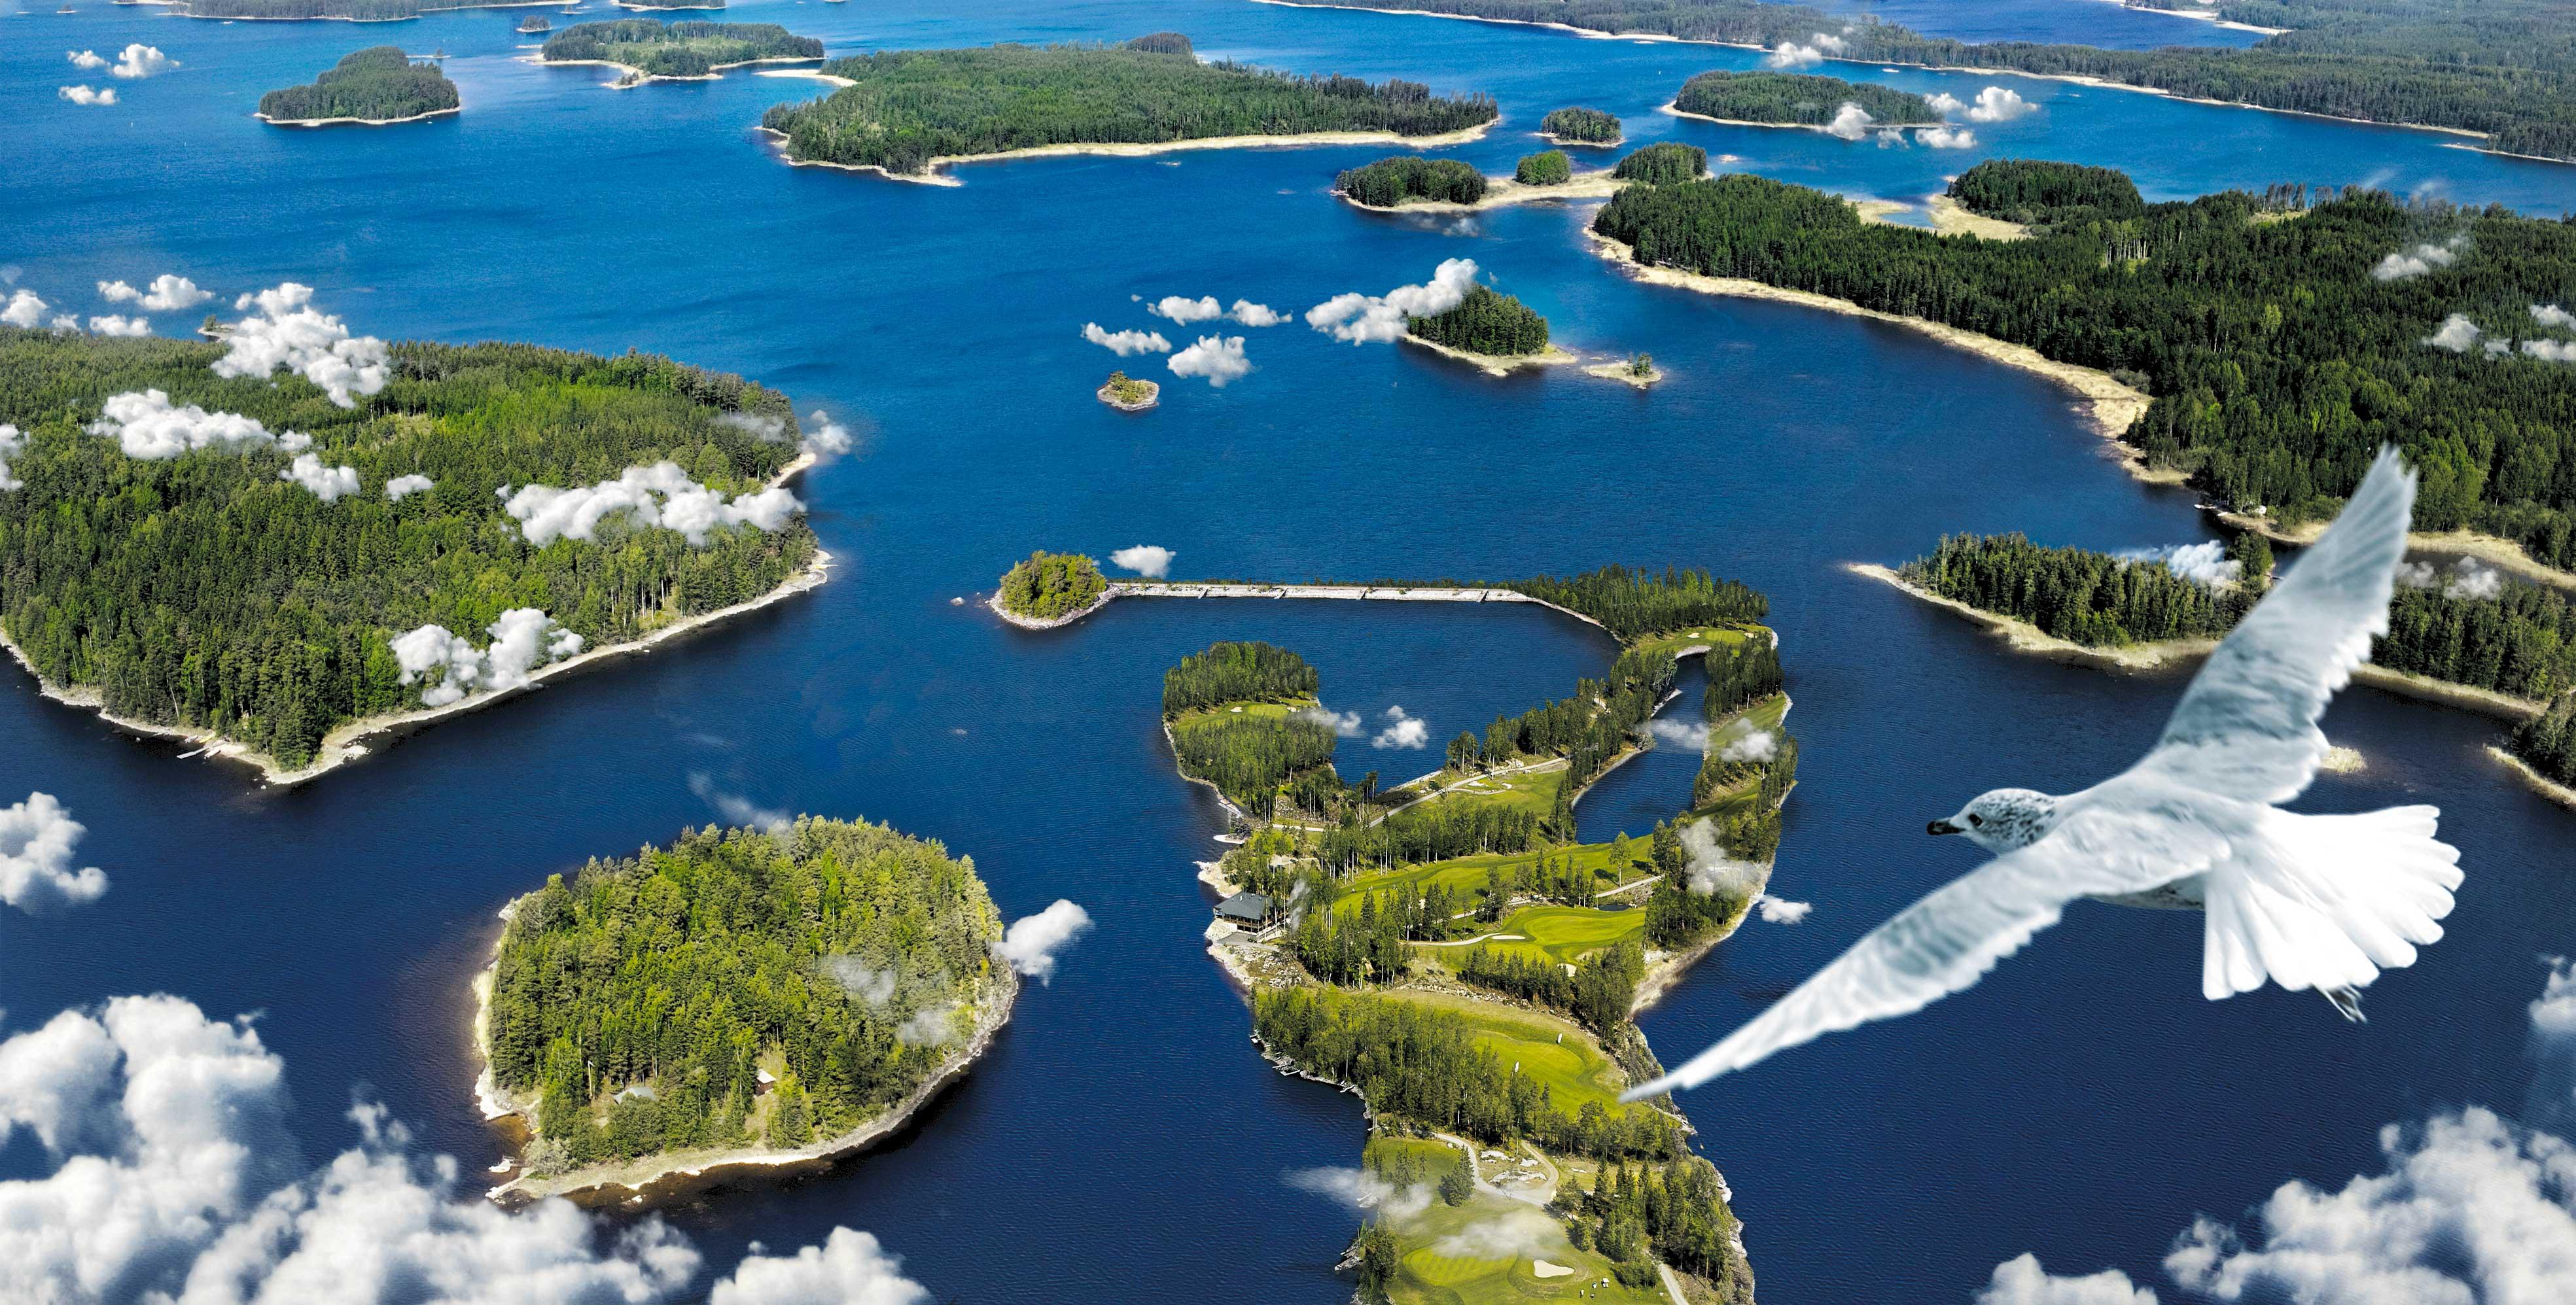 01-lago-saimaa-vista-aerea-Mikko-Nikkinen